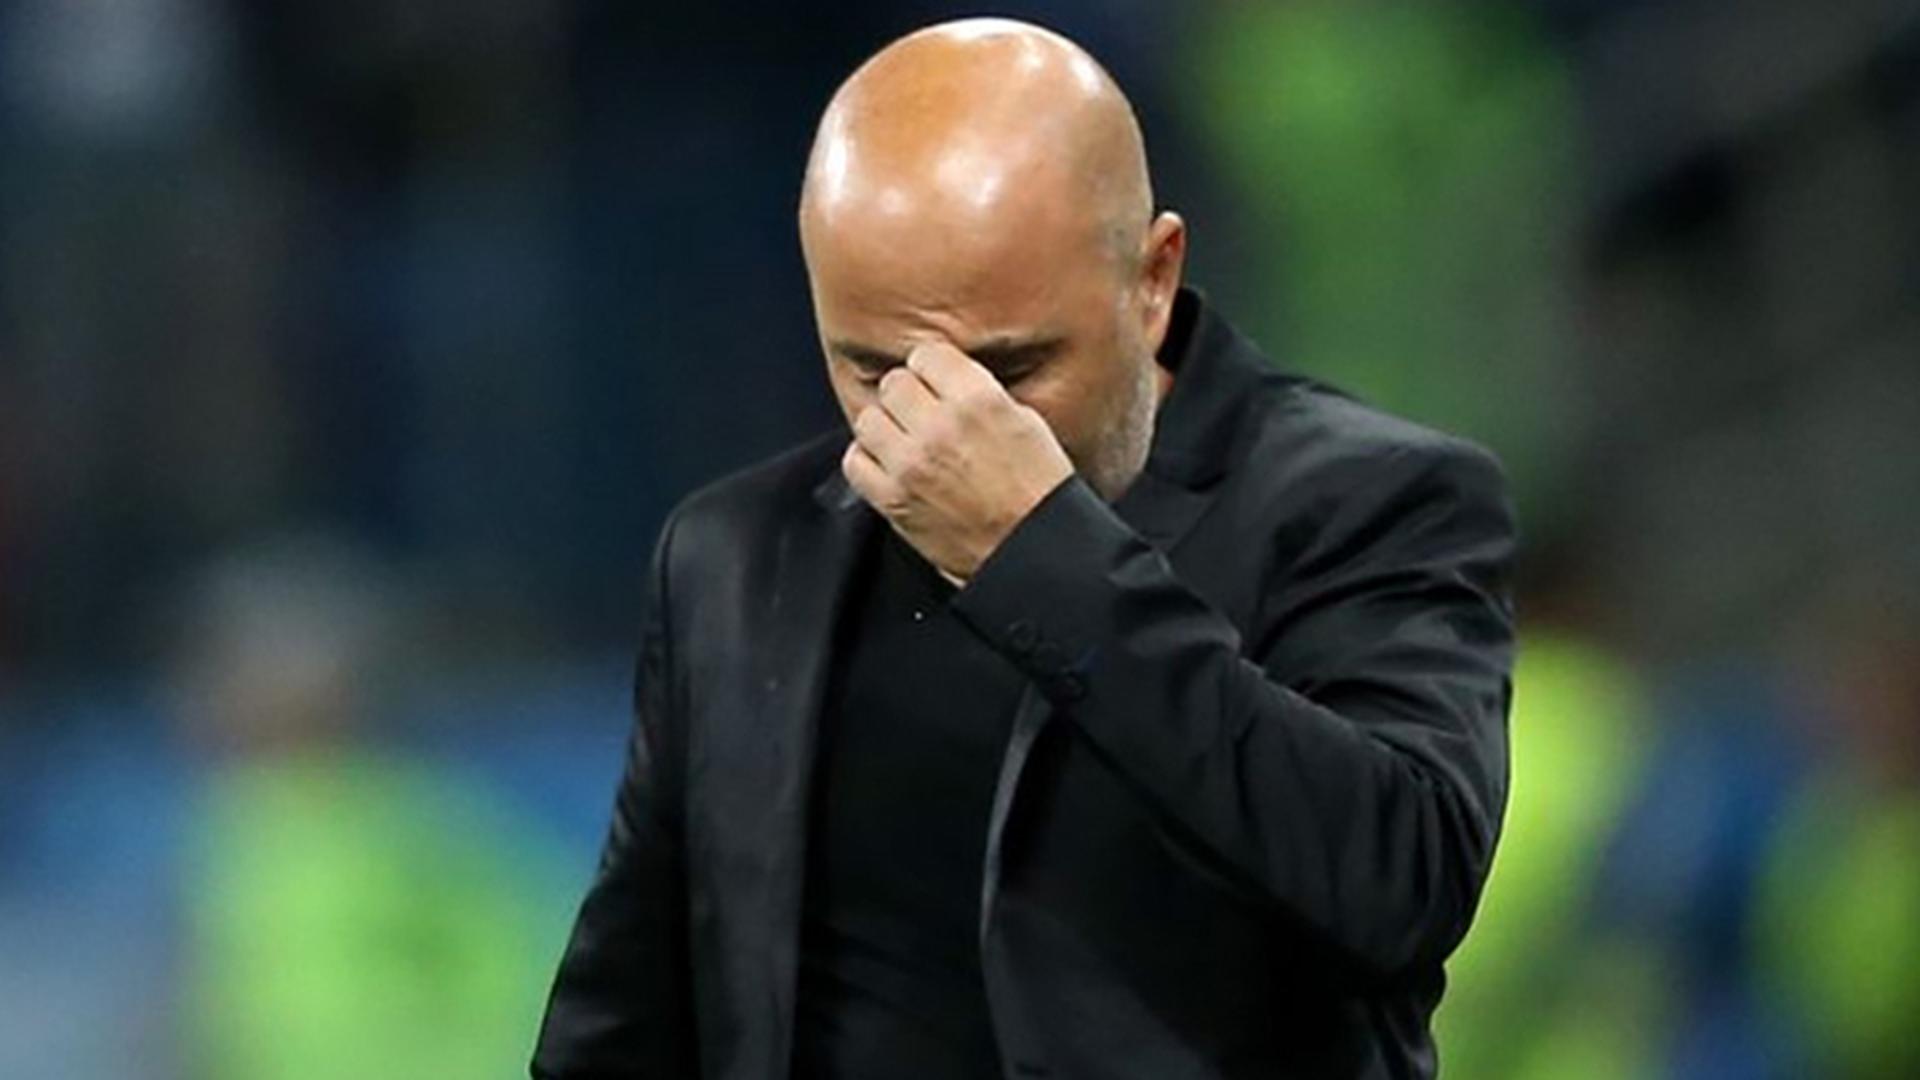 Официально: тренер Сампаоли уволен из сборной Аргентины после неудачи на ЧМ